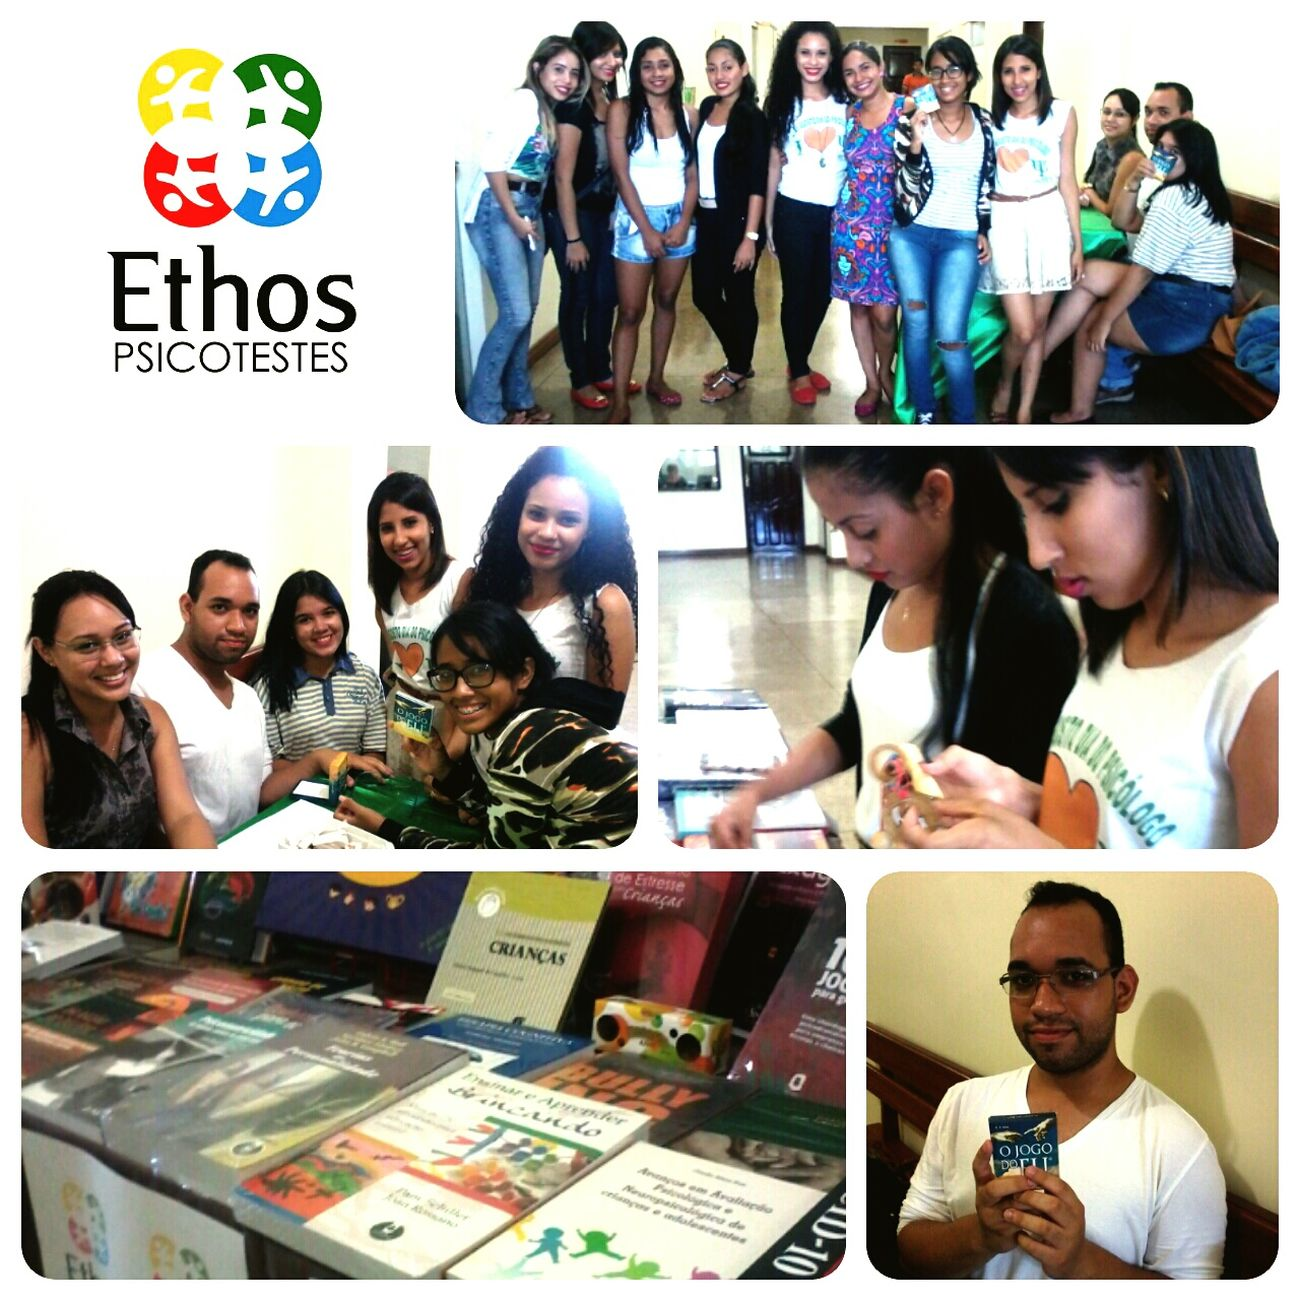 Os alunos de Psicologia do IMMES se divertiram com os recursos psicopedagógicos oferecidos pela Ethos. Venha conhecer você também a Ethos em Macapá! Immes Naethos